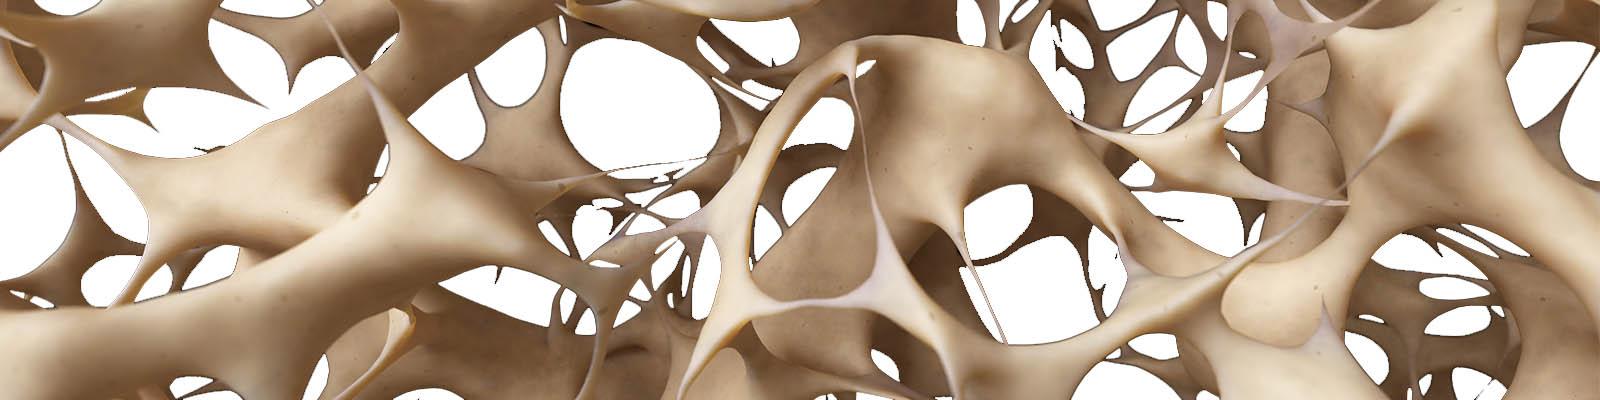 Componentes y estructuras de los Huesos